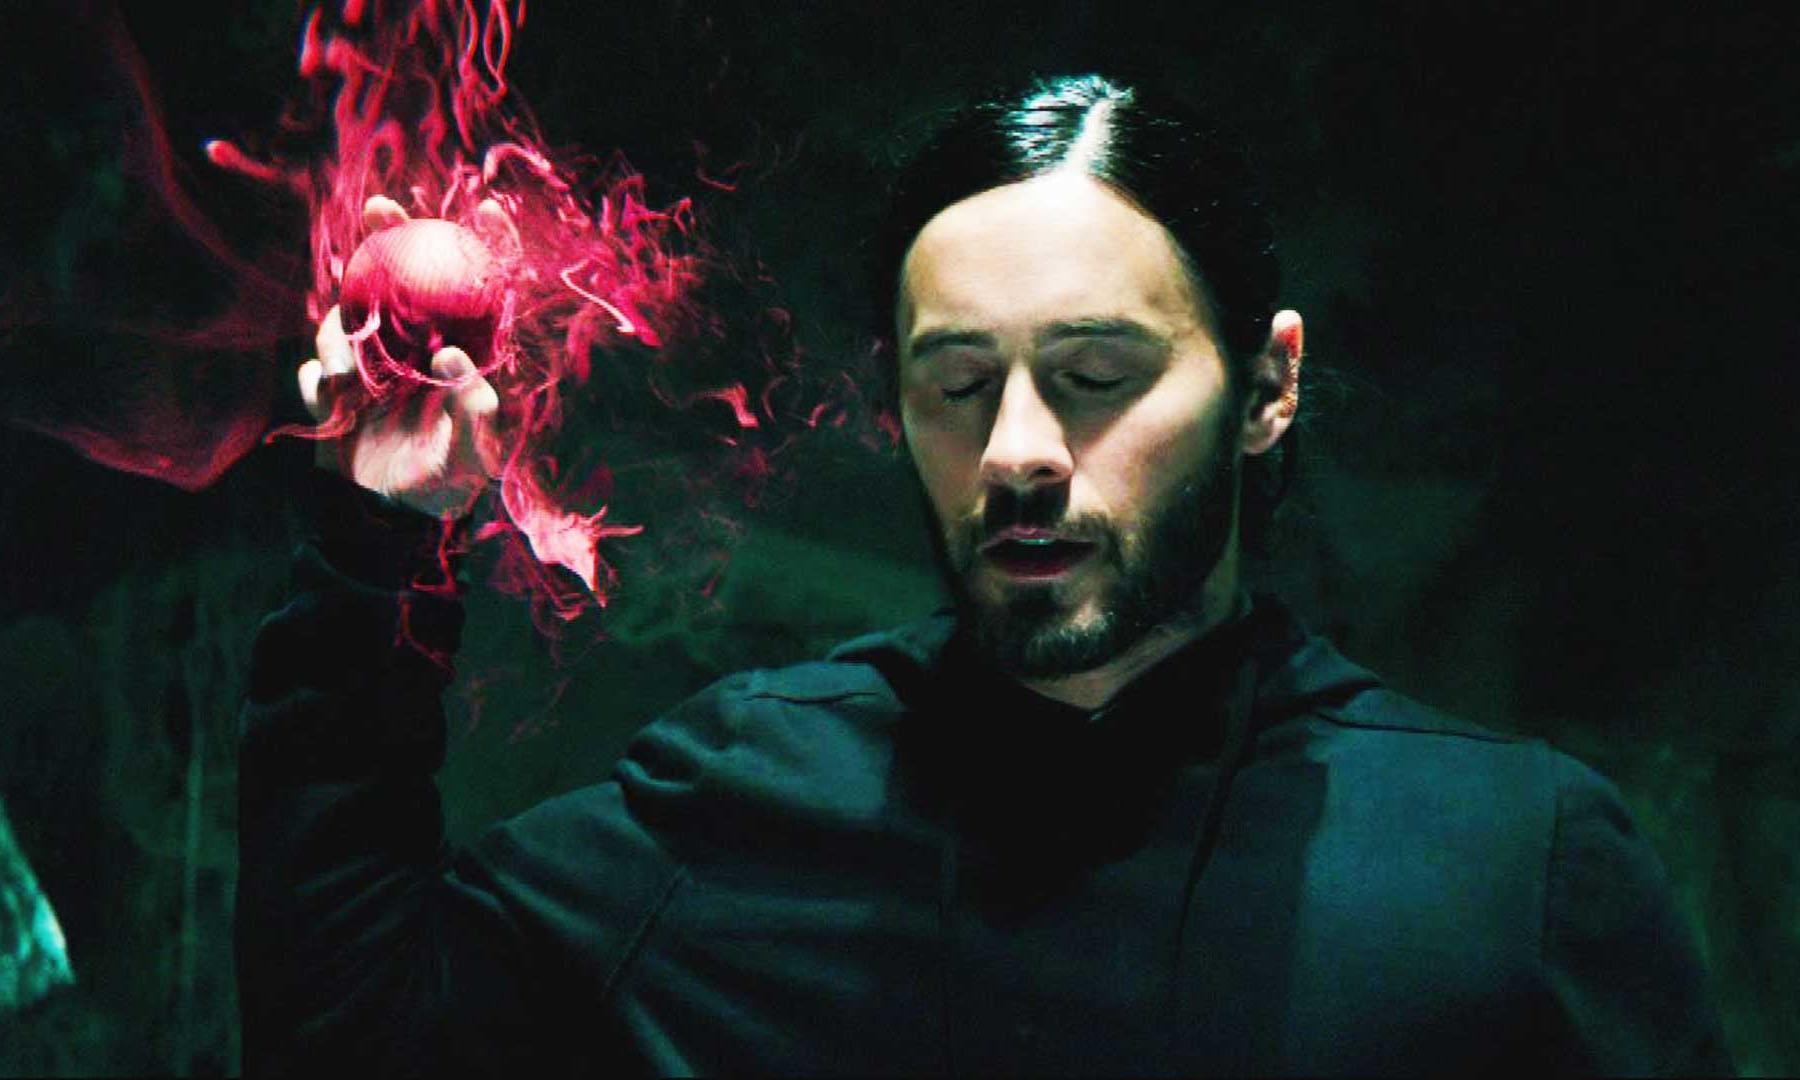 SONY 影业最新漫威电影《莫比亚斯:暗夜博士》释出首支预告片